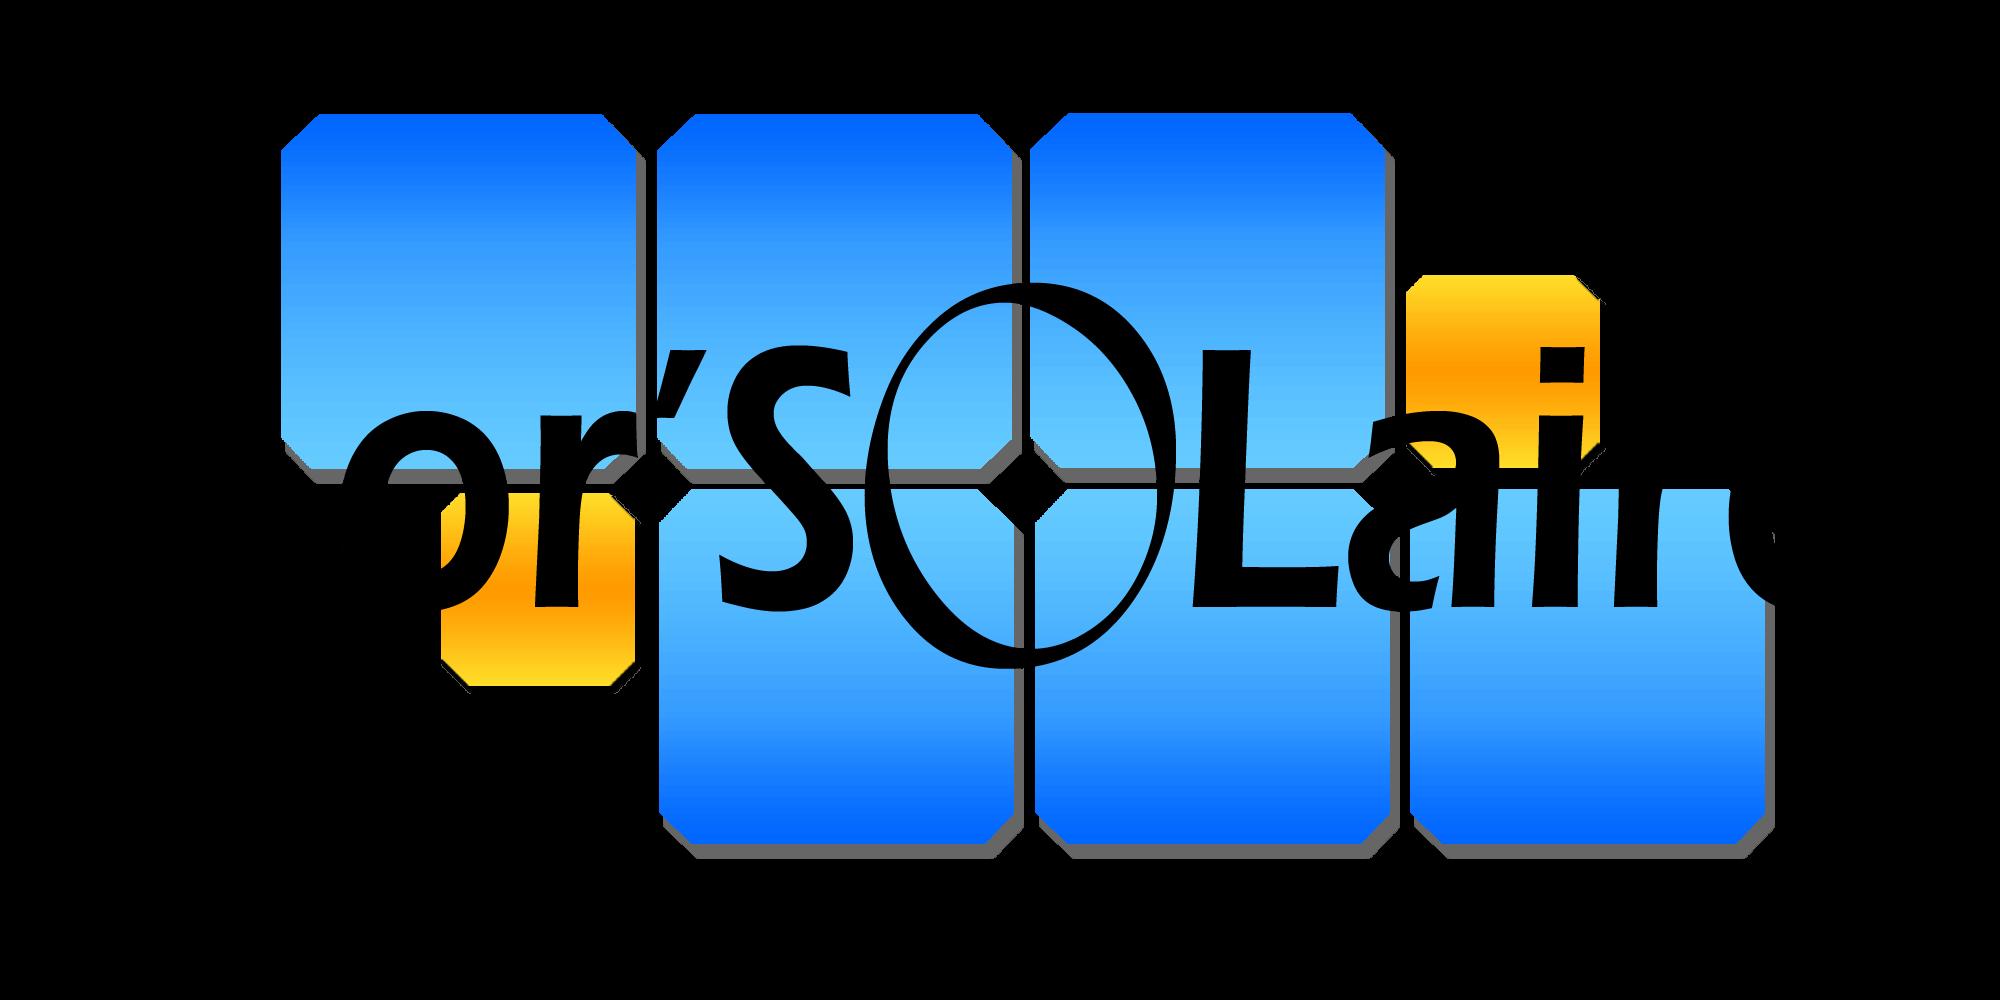 lorsolaire-logo